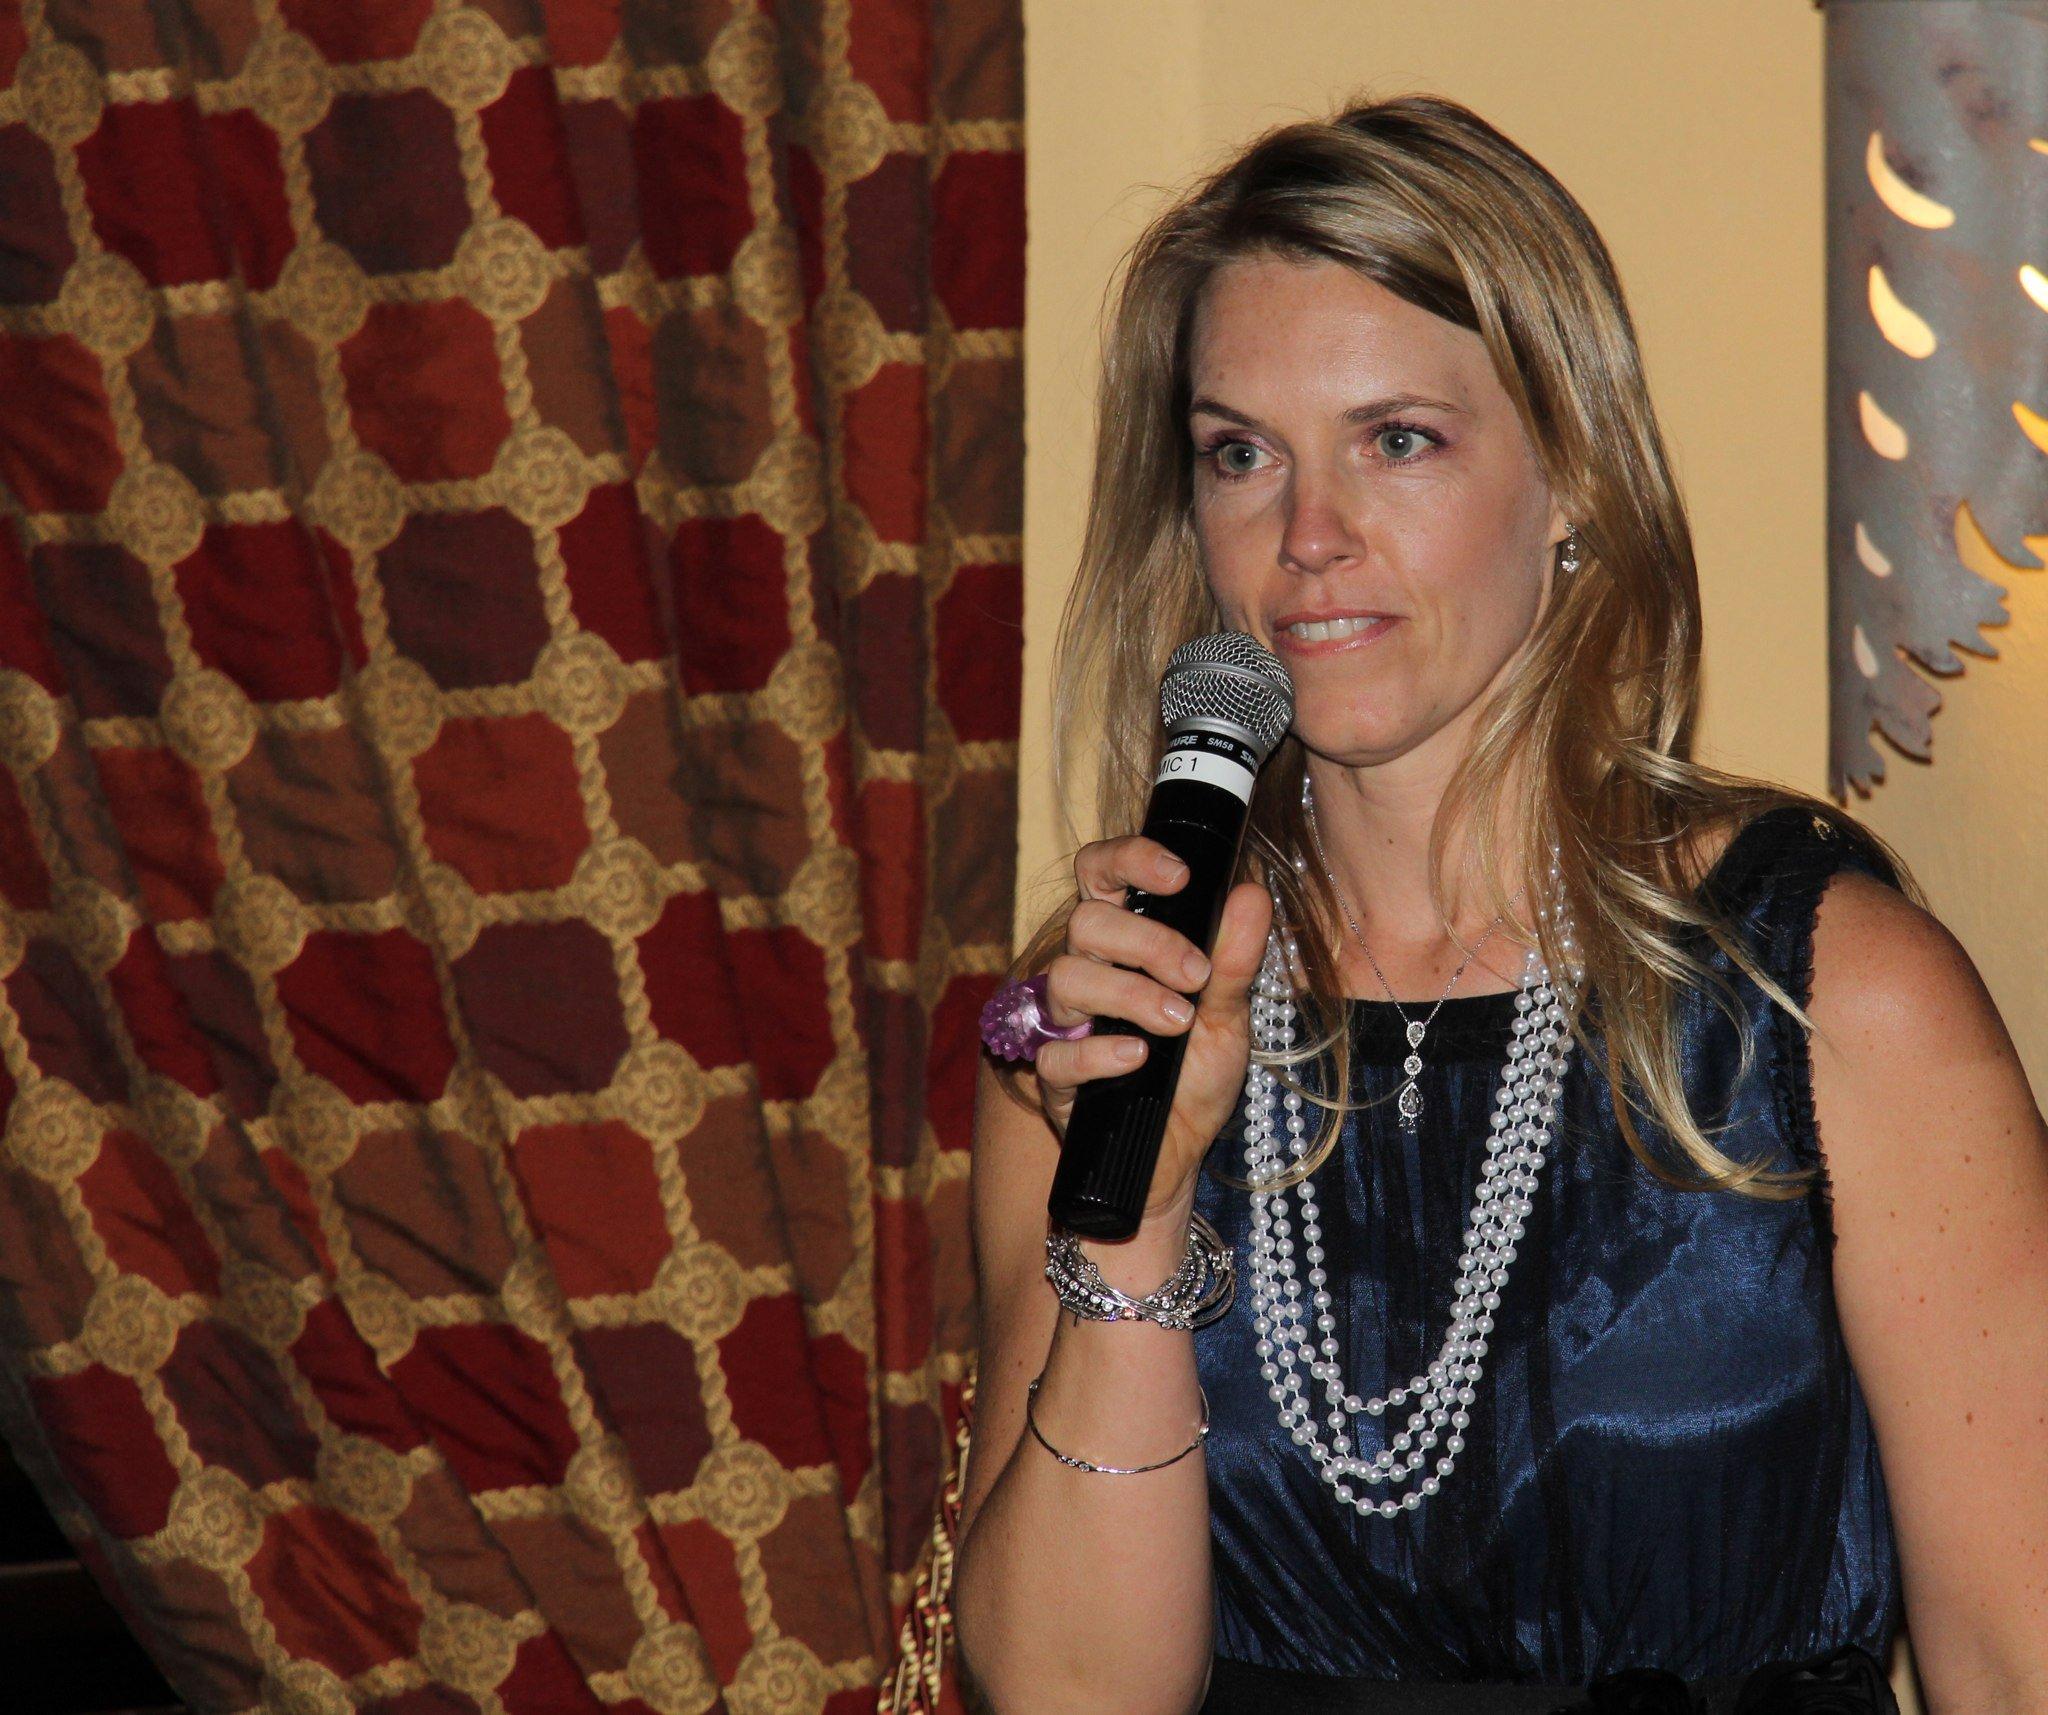 Jeff Maggert's Wife Michelle Austin Maggert